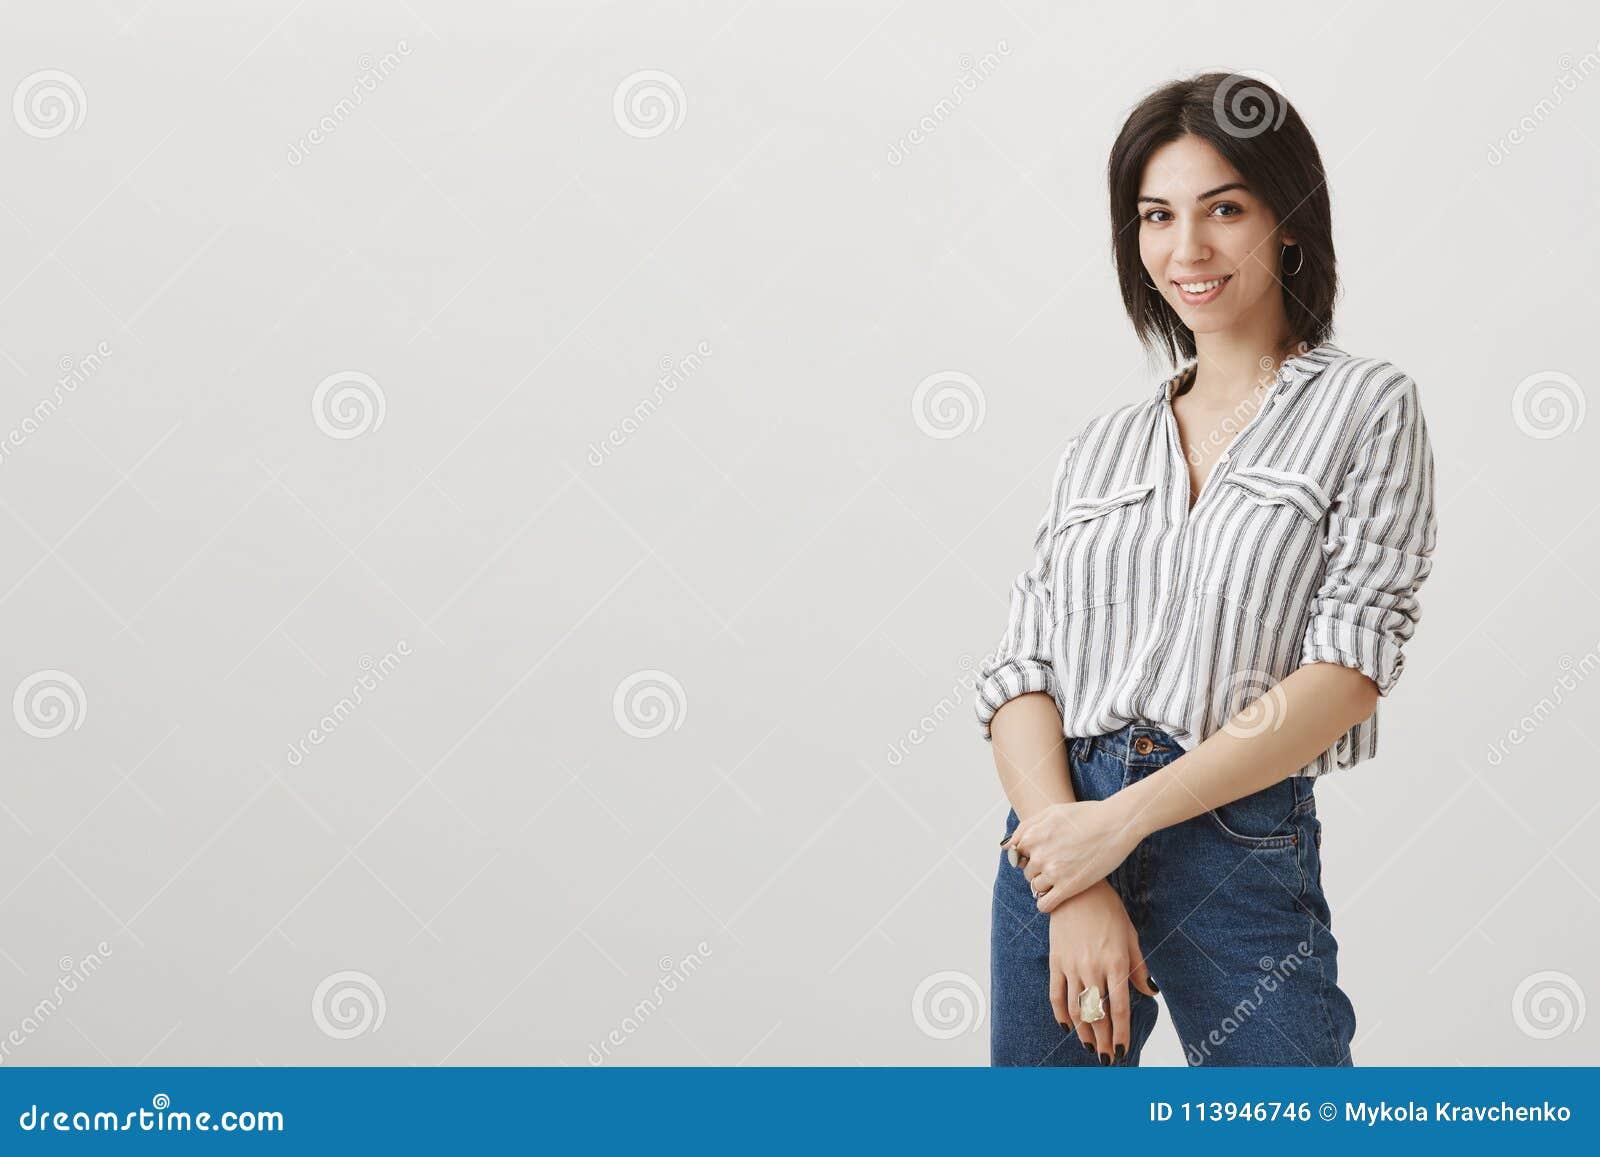 Właściciel sklep wita nowych klientów Portret pomyślna atrakcyjna żeńska przedsiębiorca pozycja obracająca nad szarość